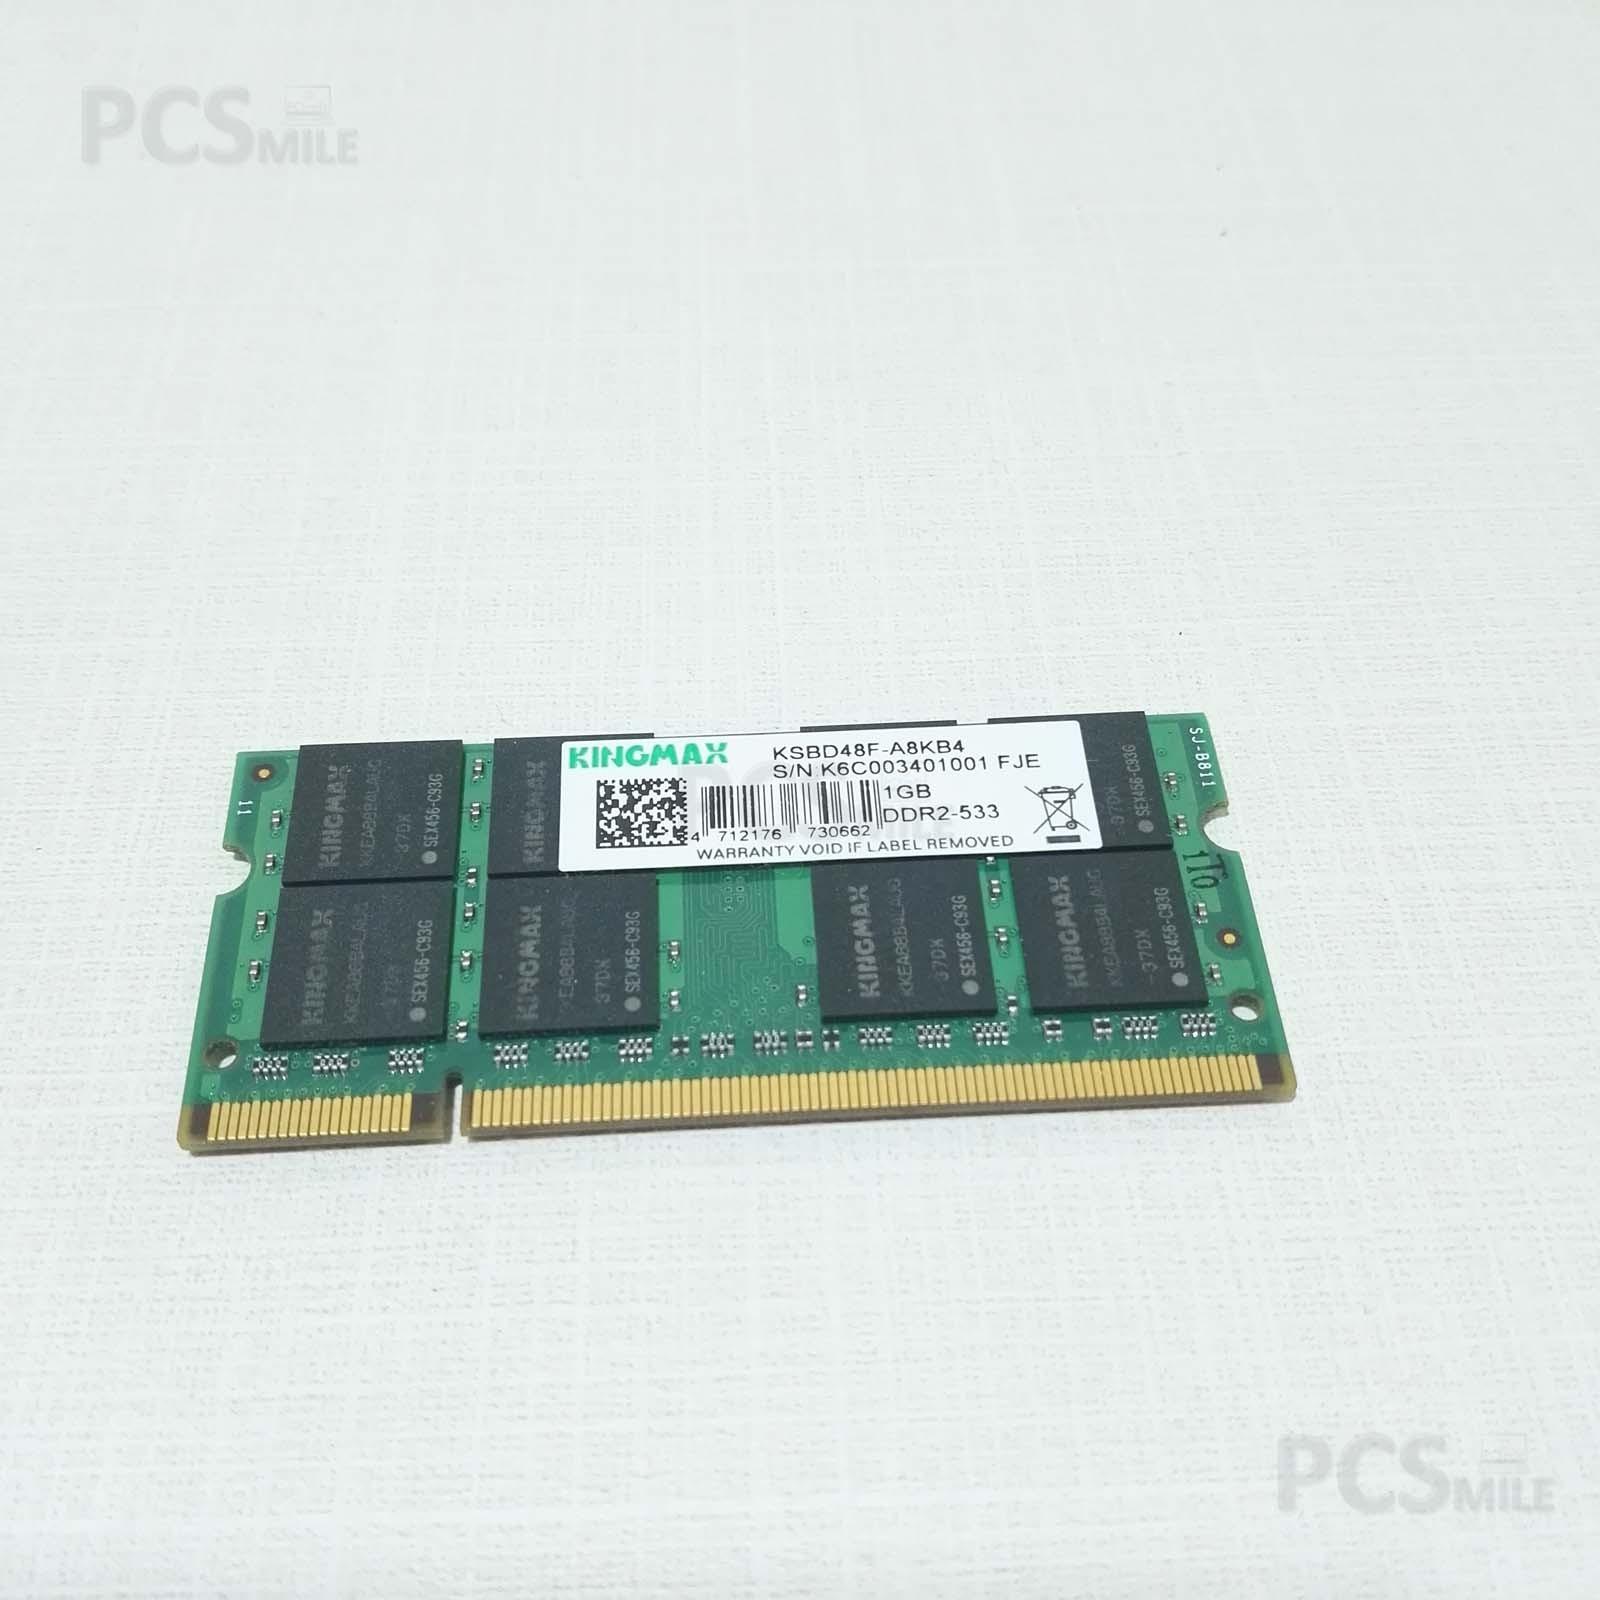 RAM 1GB KINGMAX KSBD48F-A8KB4 DDR2-533 PCG-6L1M